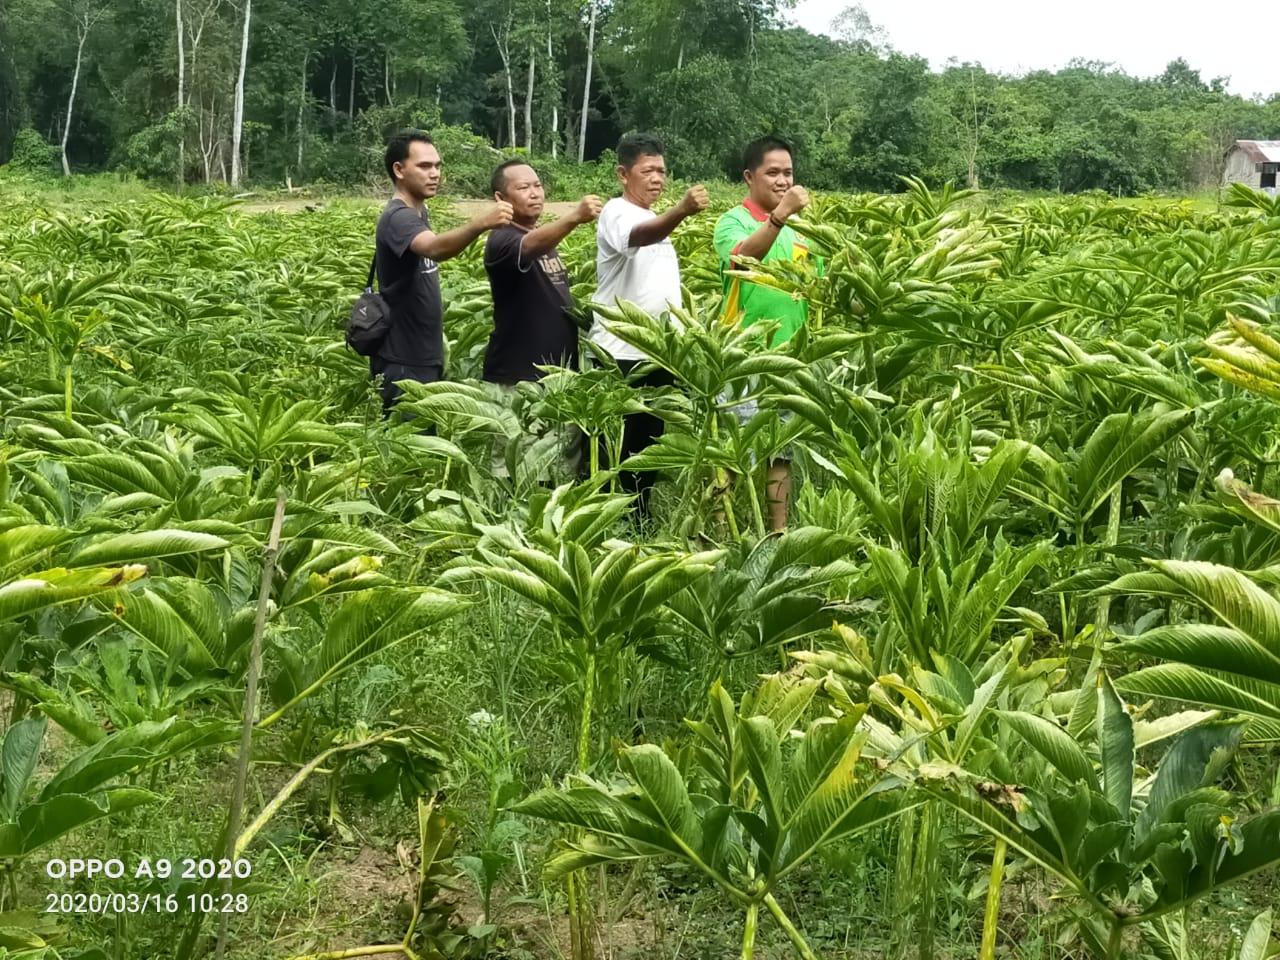 Dinas Pertanian Kembangkan Ubi Porang, Akui Punya Nilai Ekonomi 7